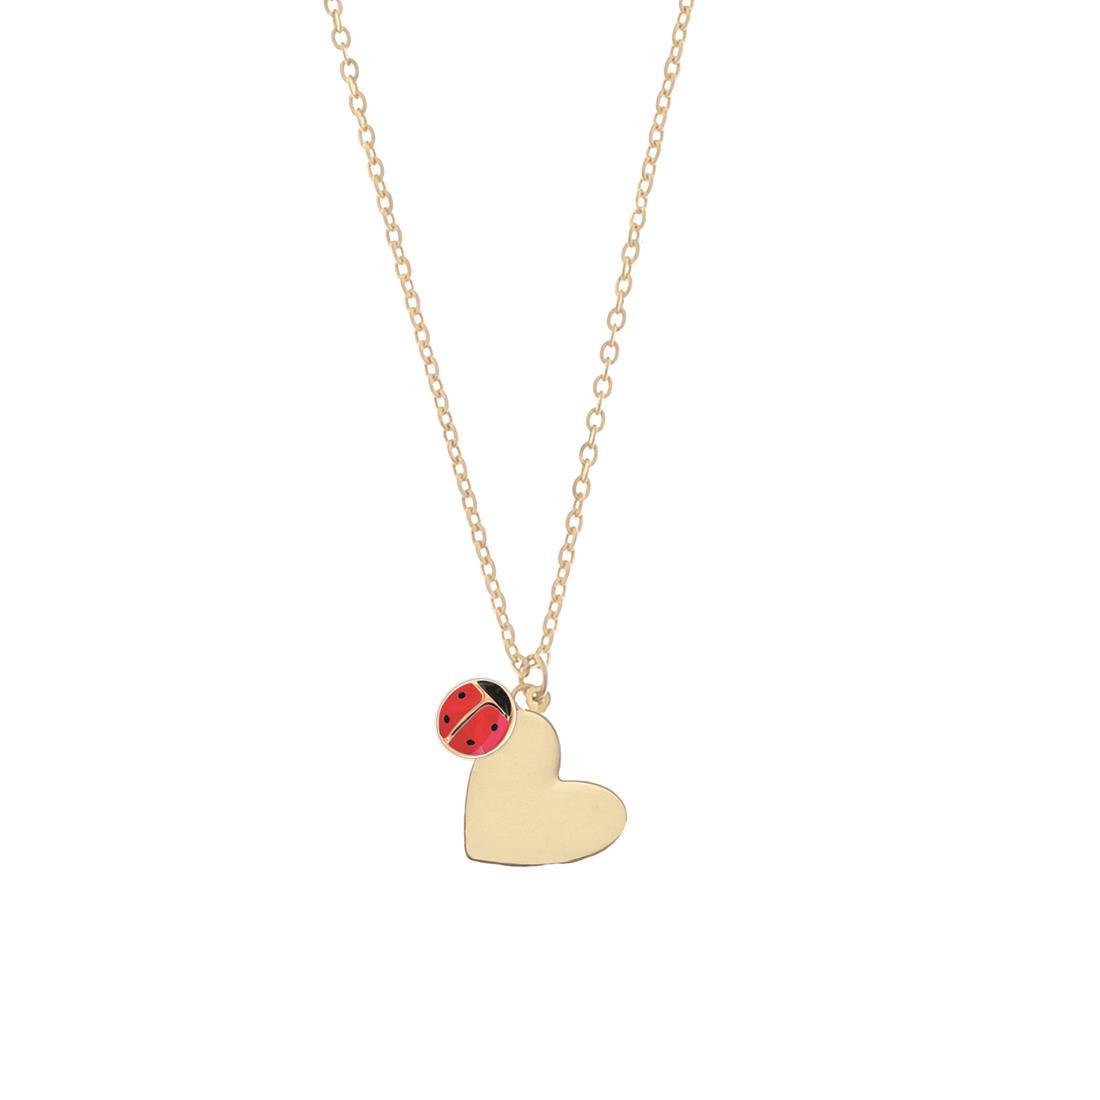 Collana in oro giallo 18 kt con pendente cuore - ELLA